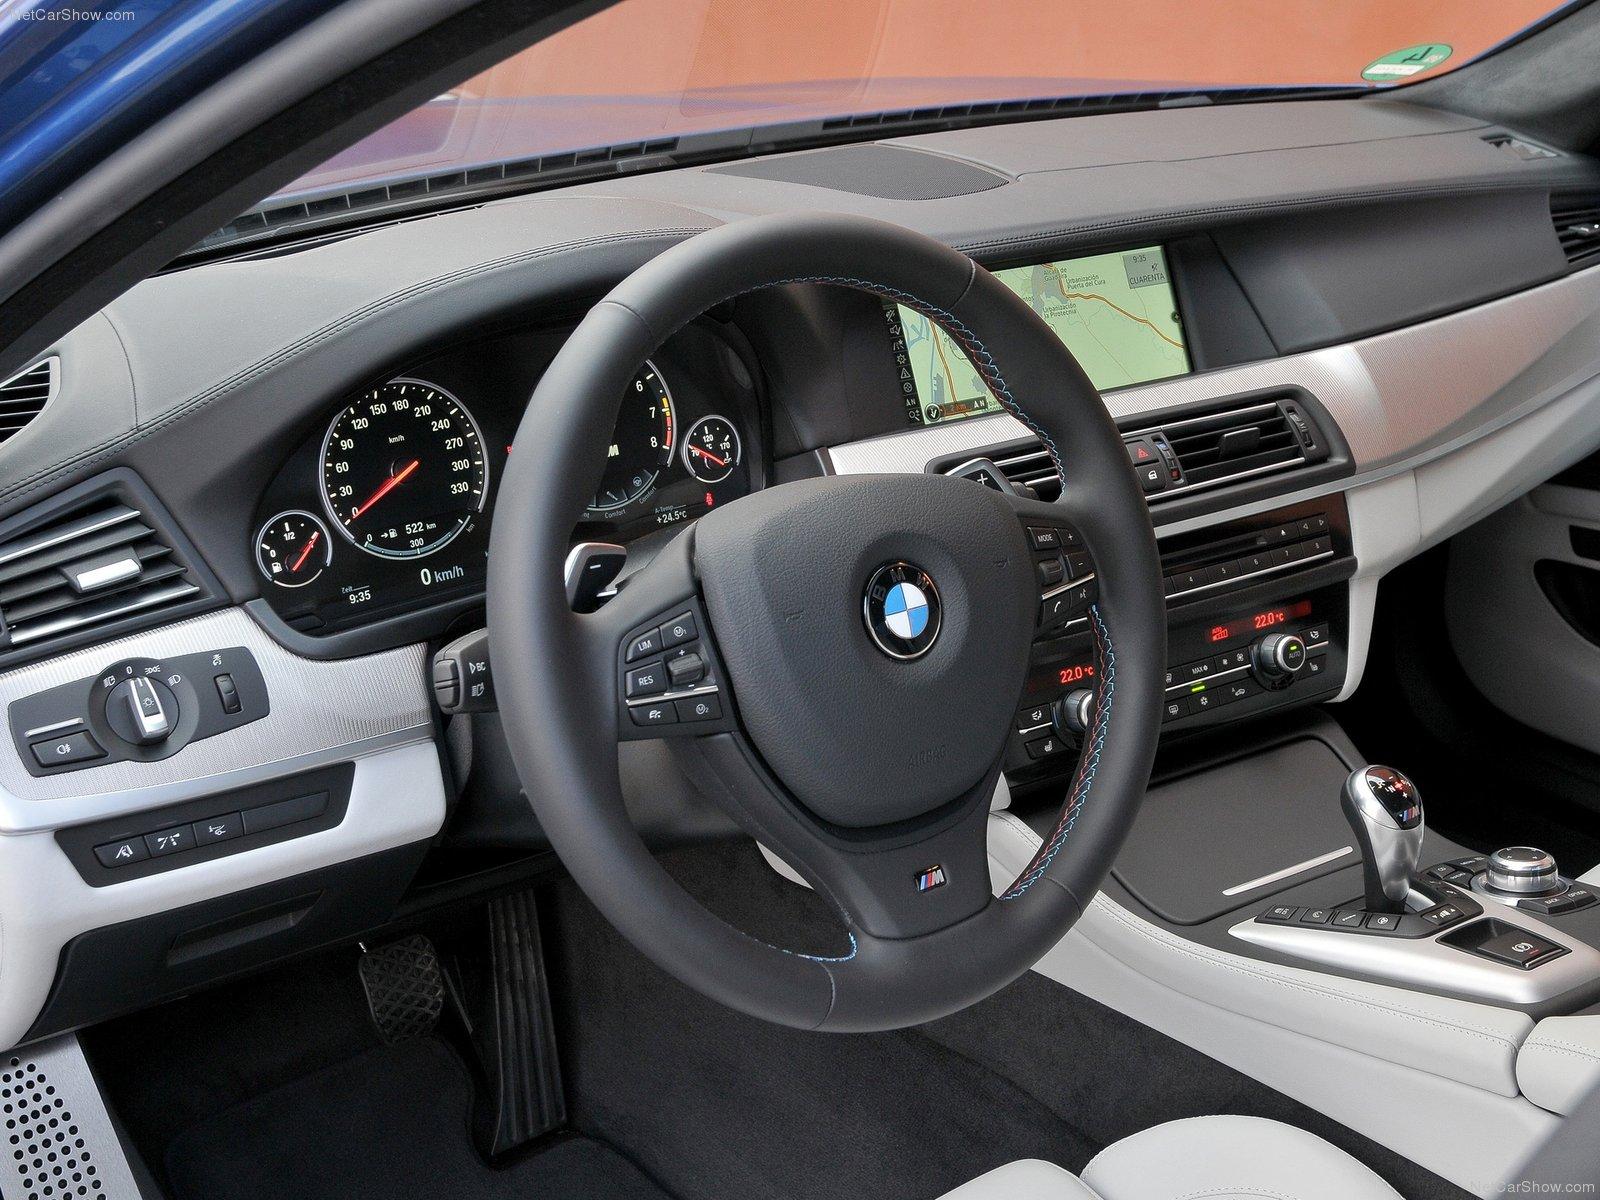 http://4.bp.blogspot.com/-P2zF89OLIys/T1vcaKYI3OI/AAAAAAAAAJs/84gWpLGmsuo/s1600/BMW-M5_2012_1600x1200_wallpaper_d3.jpg